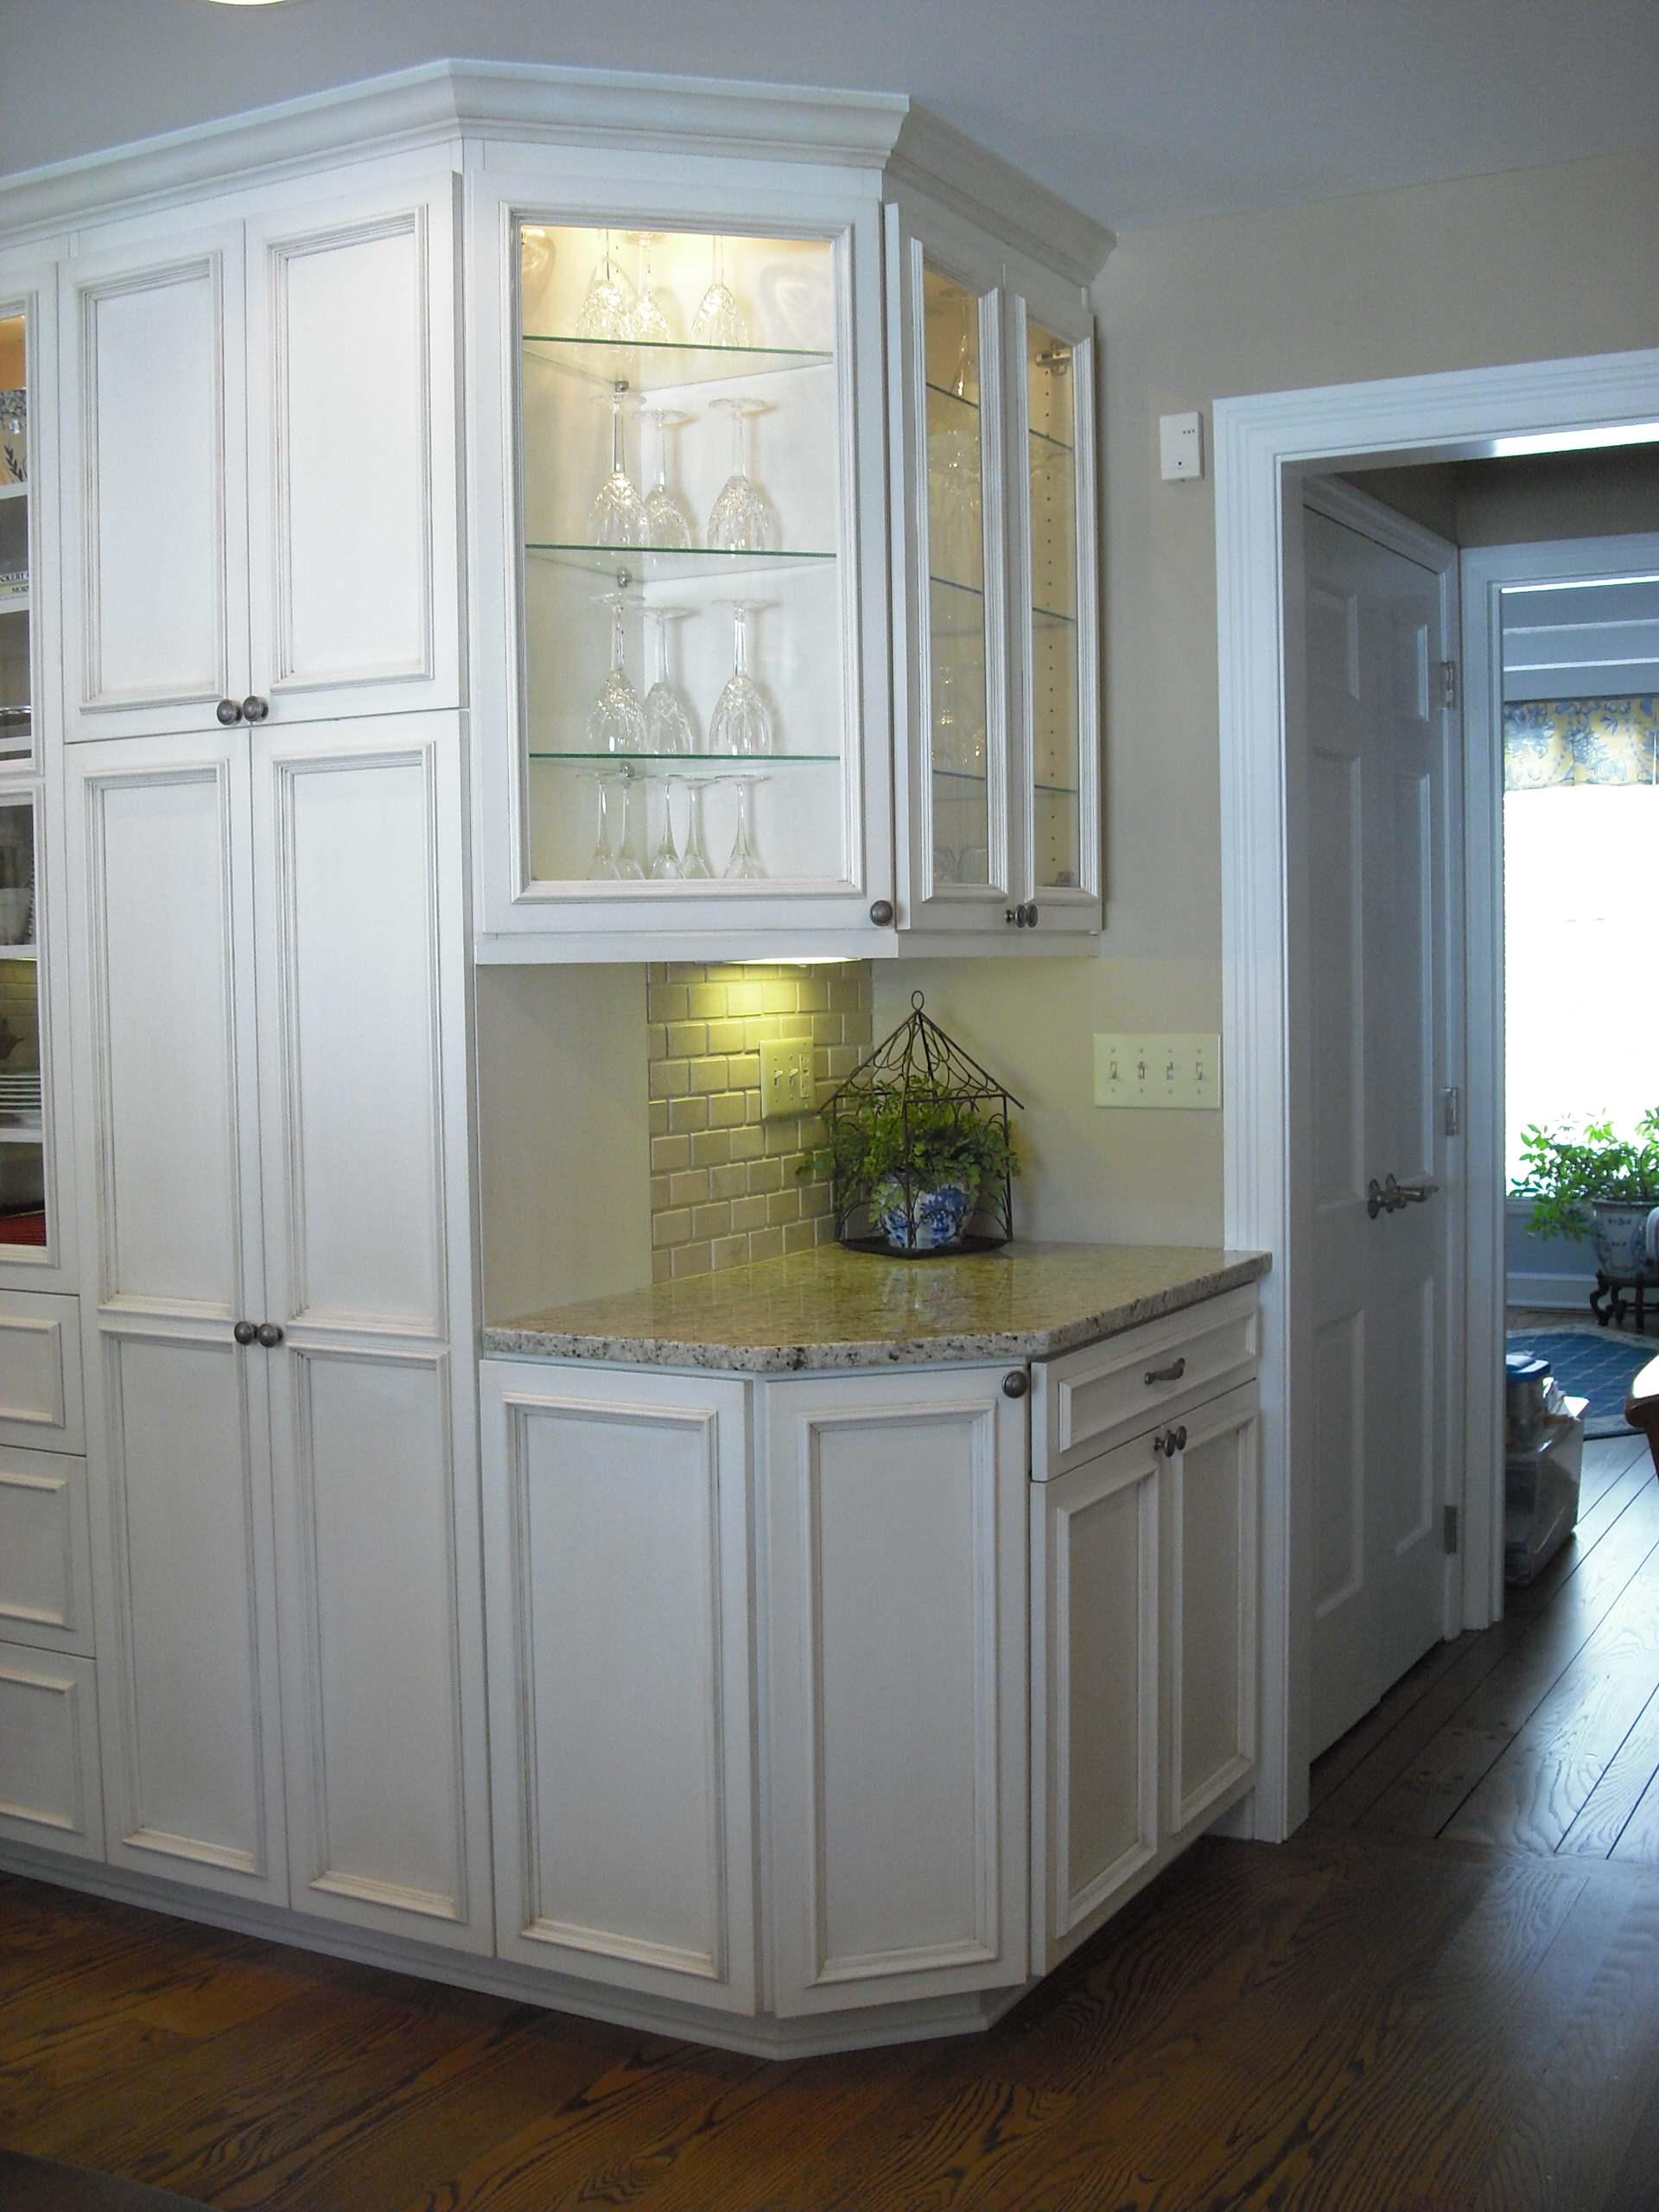 Creamy glazed kitchen/Oakwood, Ohio